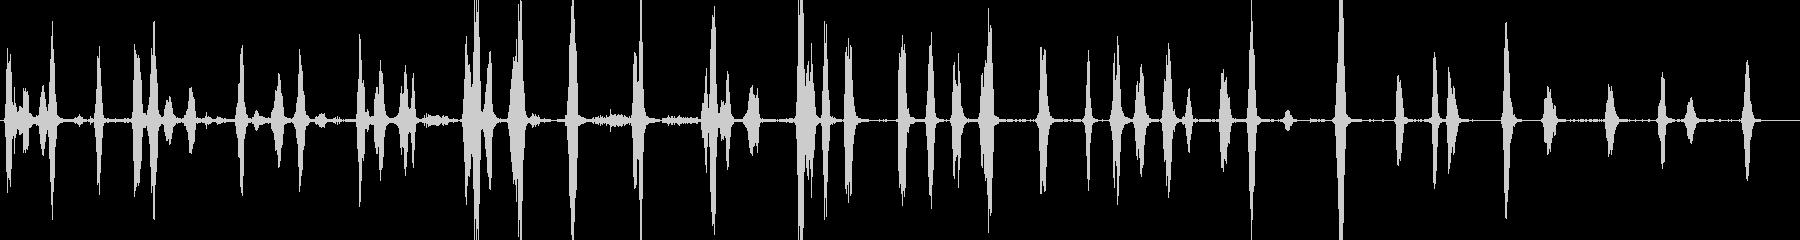 小型犬:内線:Barえる、うなる、うなるの未再生の波形